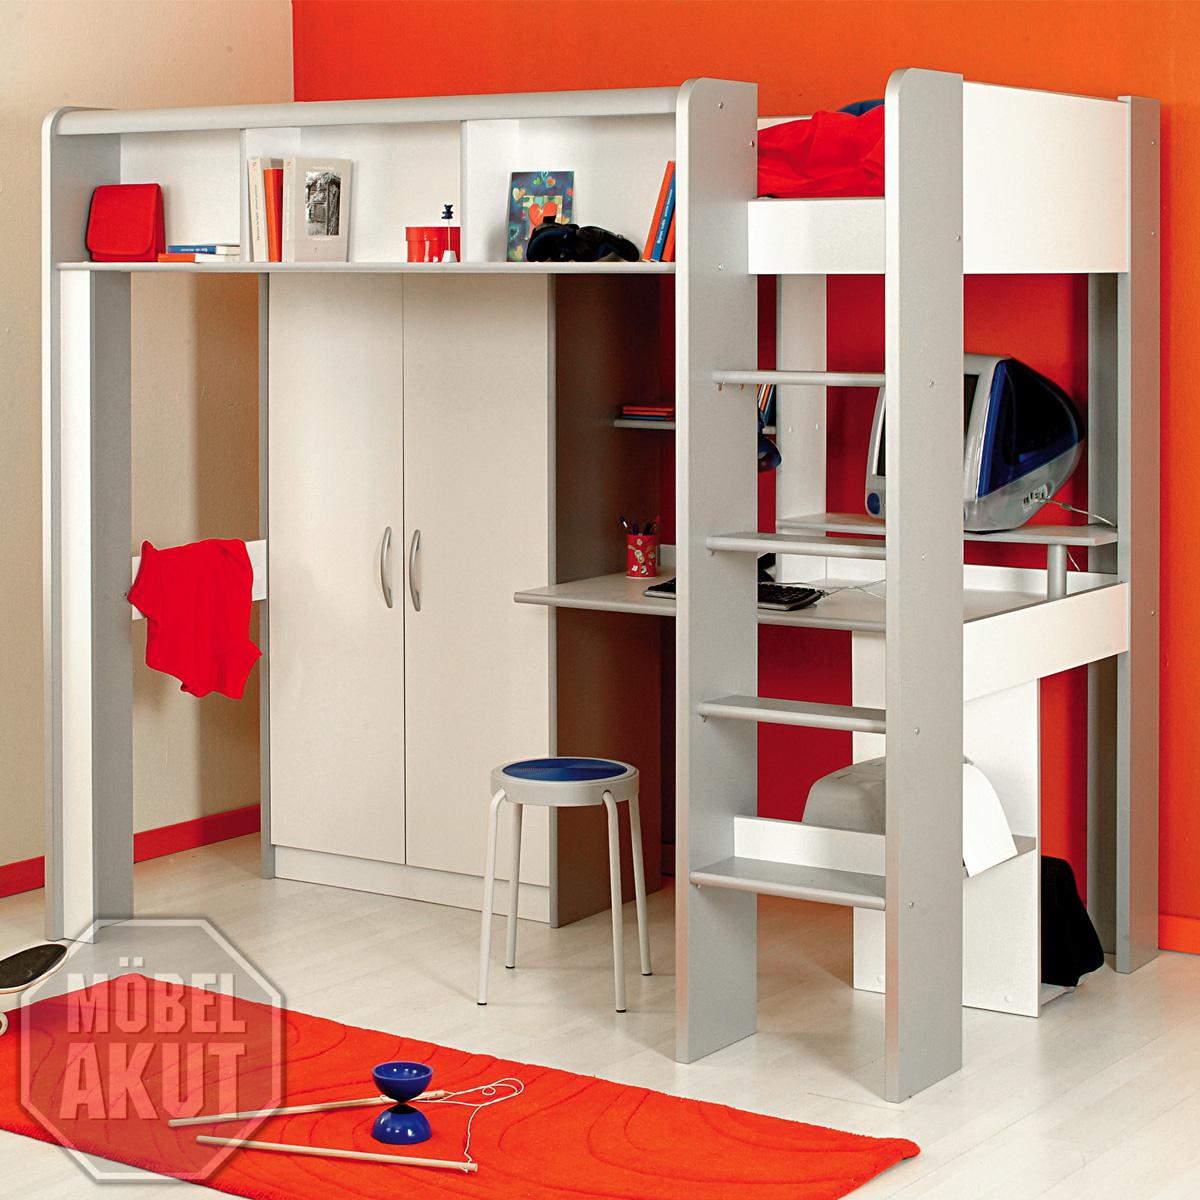 hochbett speedy kinderbett bett in alu wei neu ebay. Black Bedroom Furniture Sets. Home Design Ideas